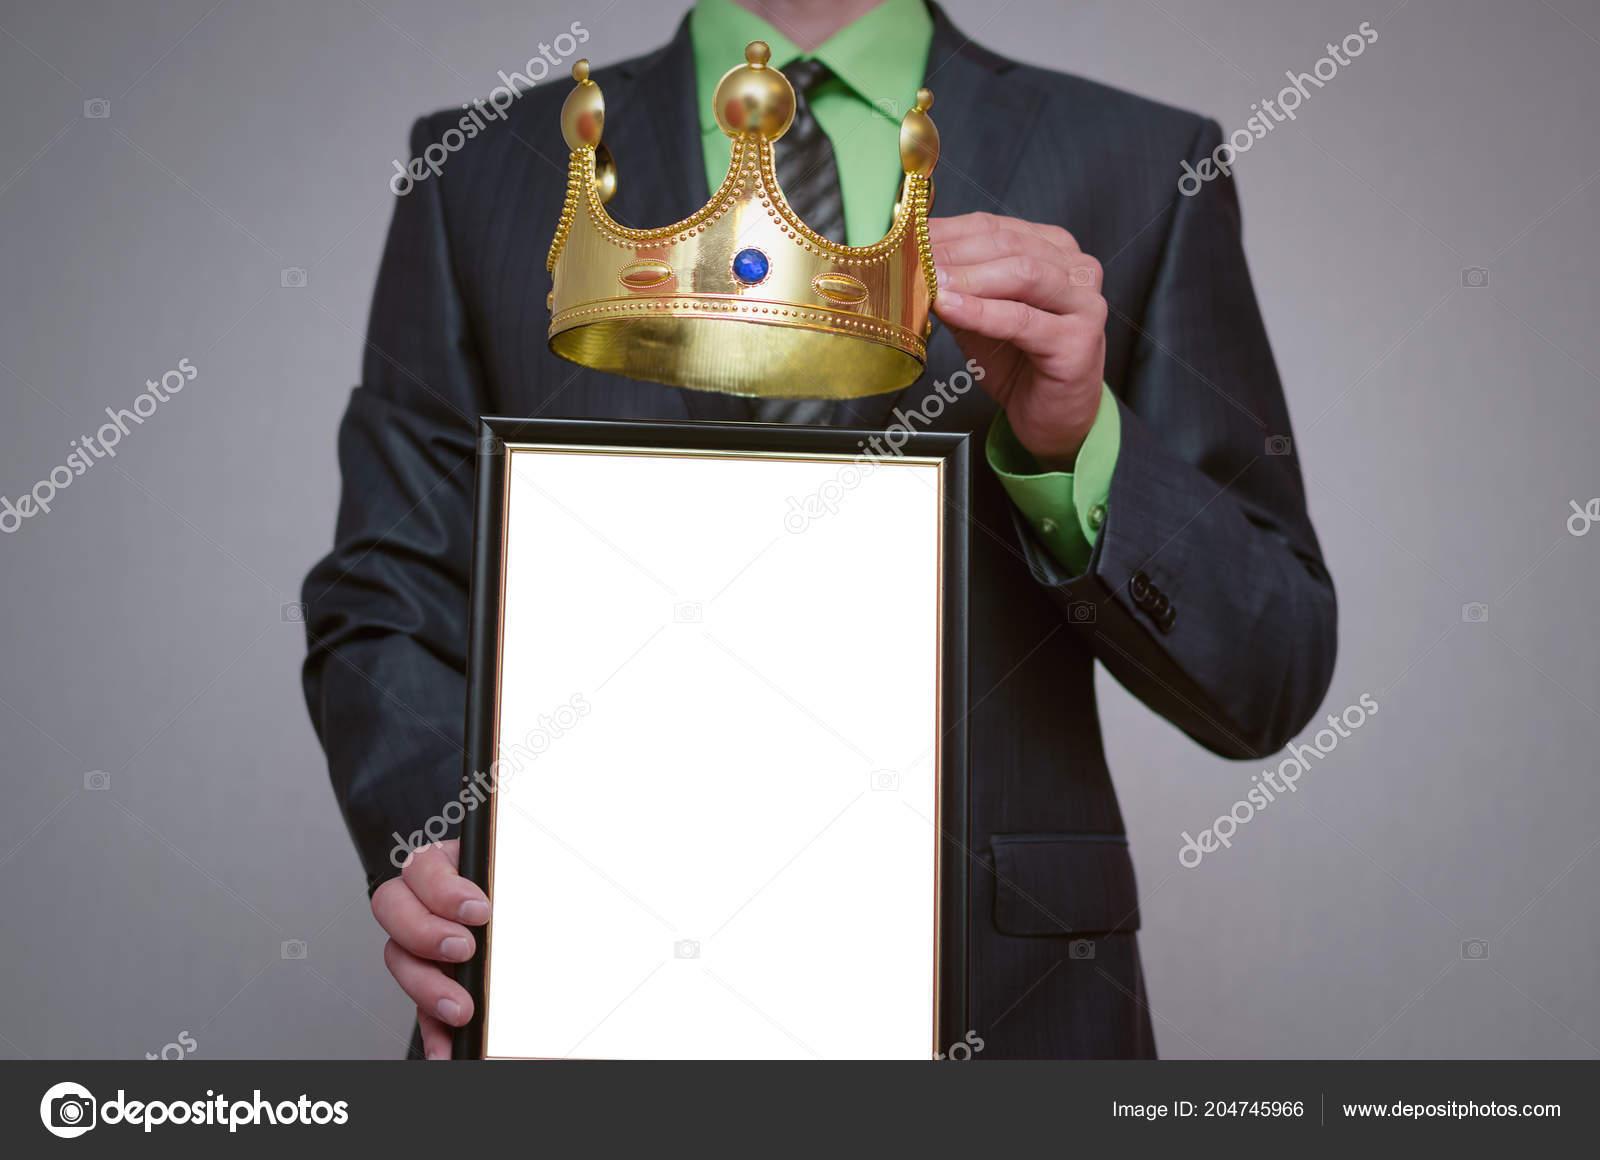 Vainqueur Vide Diplome Certificat Maquette Dans Main Homme Affaires